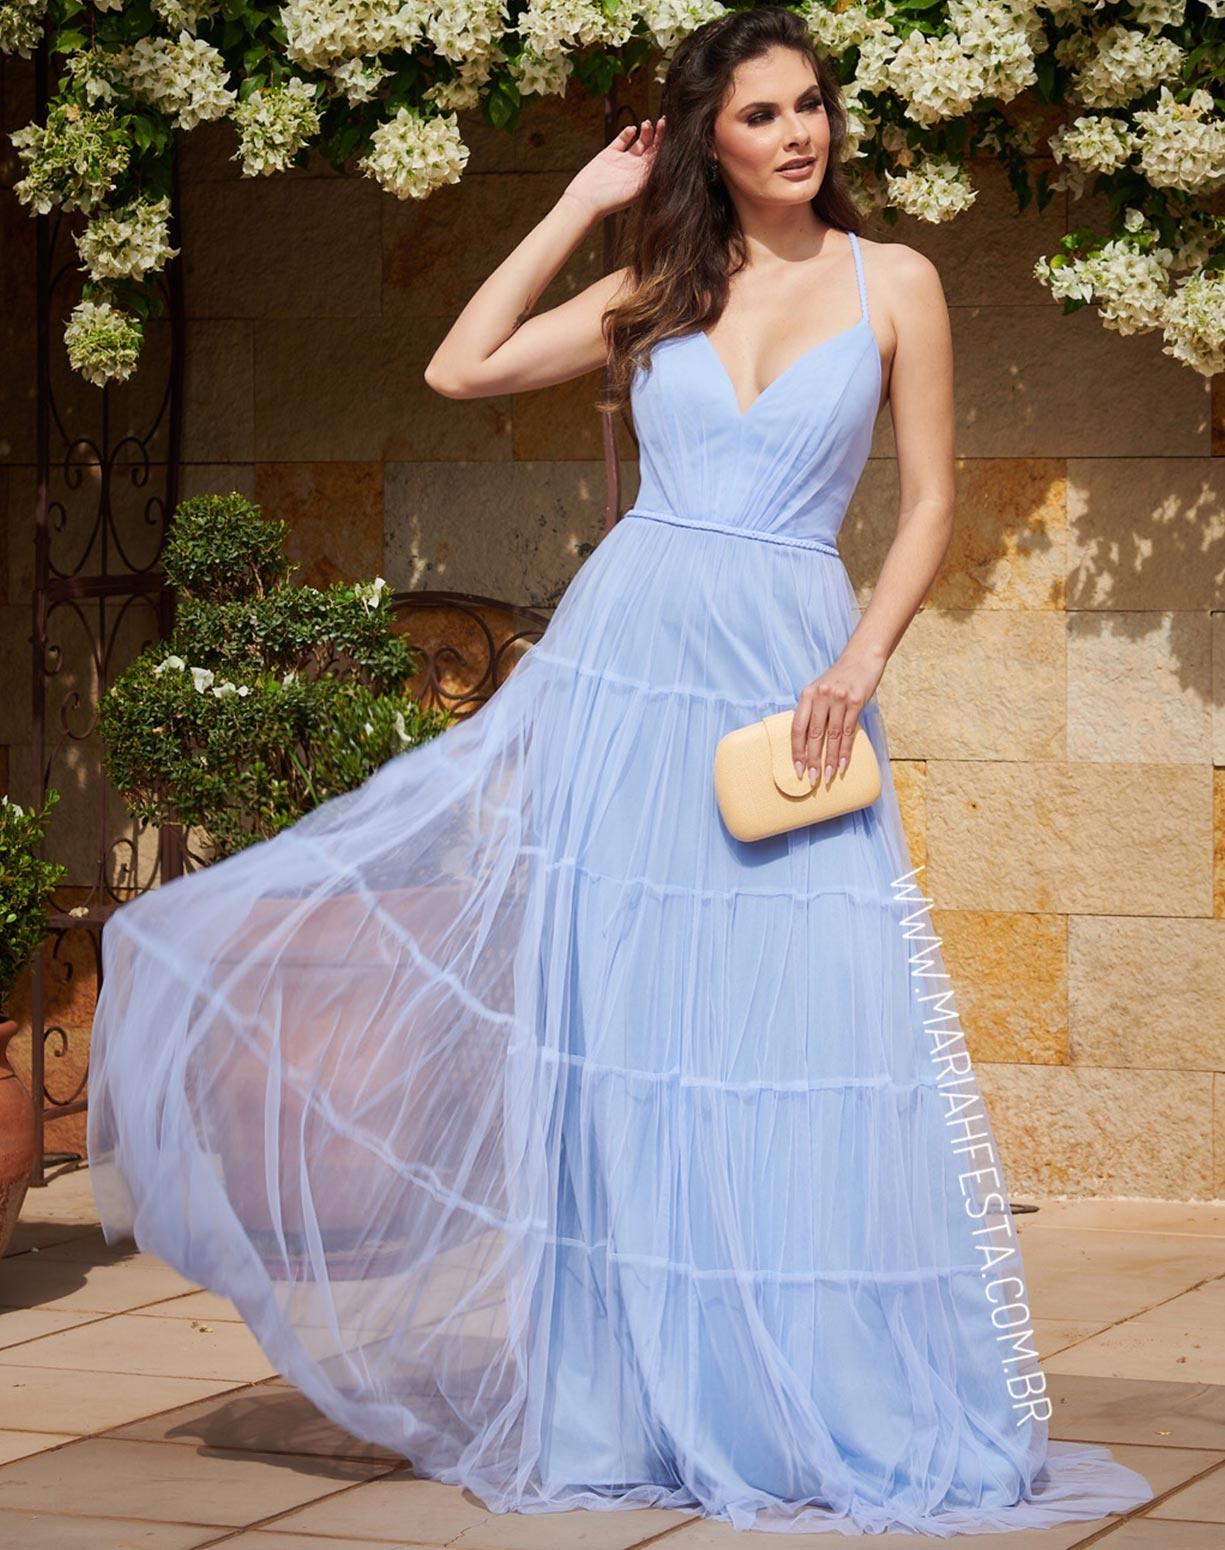 Vestido Azul Serenity em Tule com Saia Evasê em Camadas